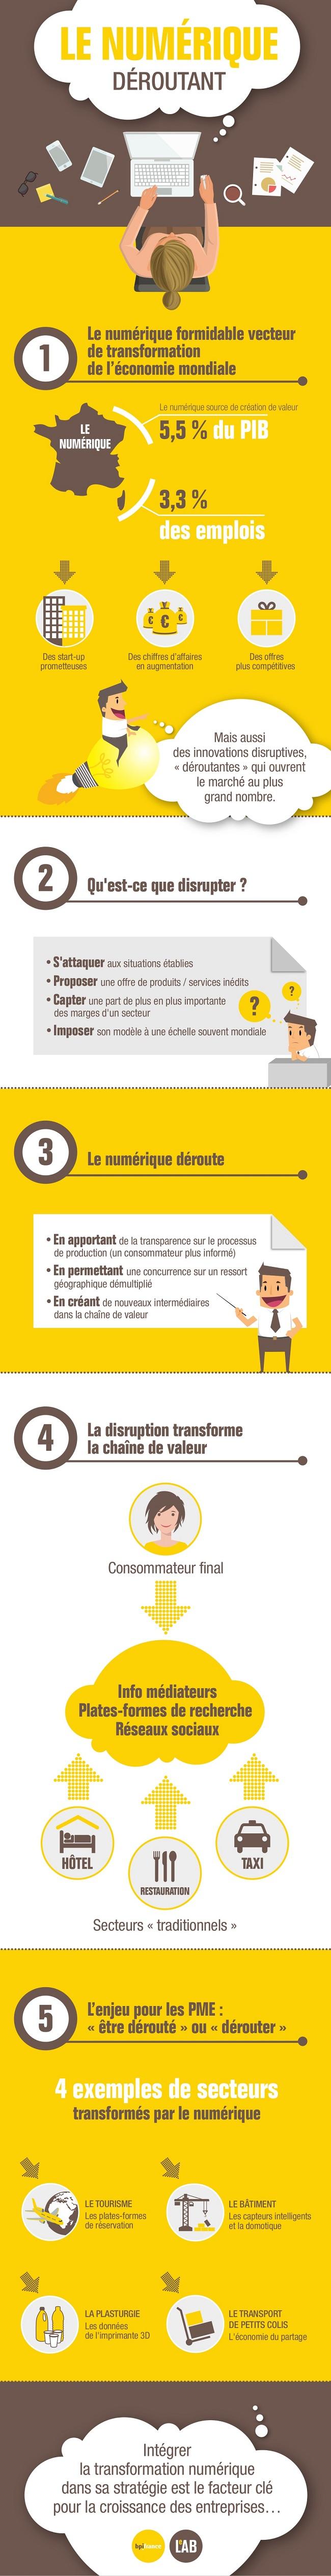 infographie-bpifrance-le-lab-le-numrique-droutant-limpact-du-digital-sur-les-pme